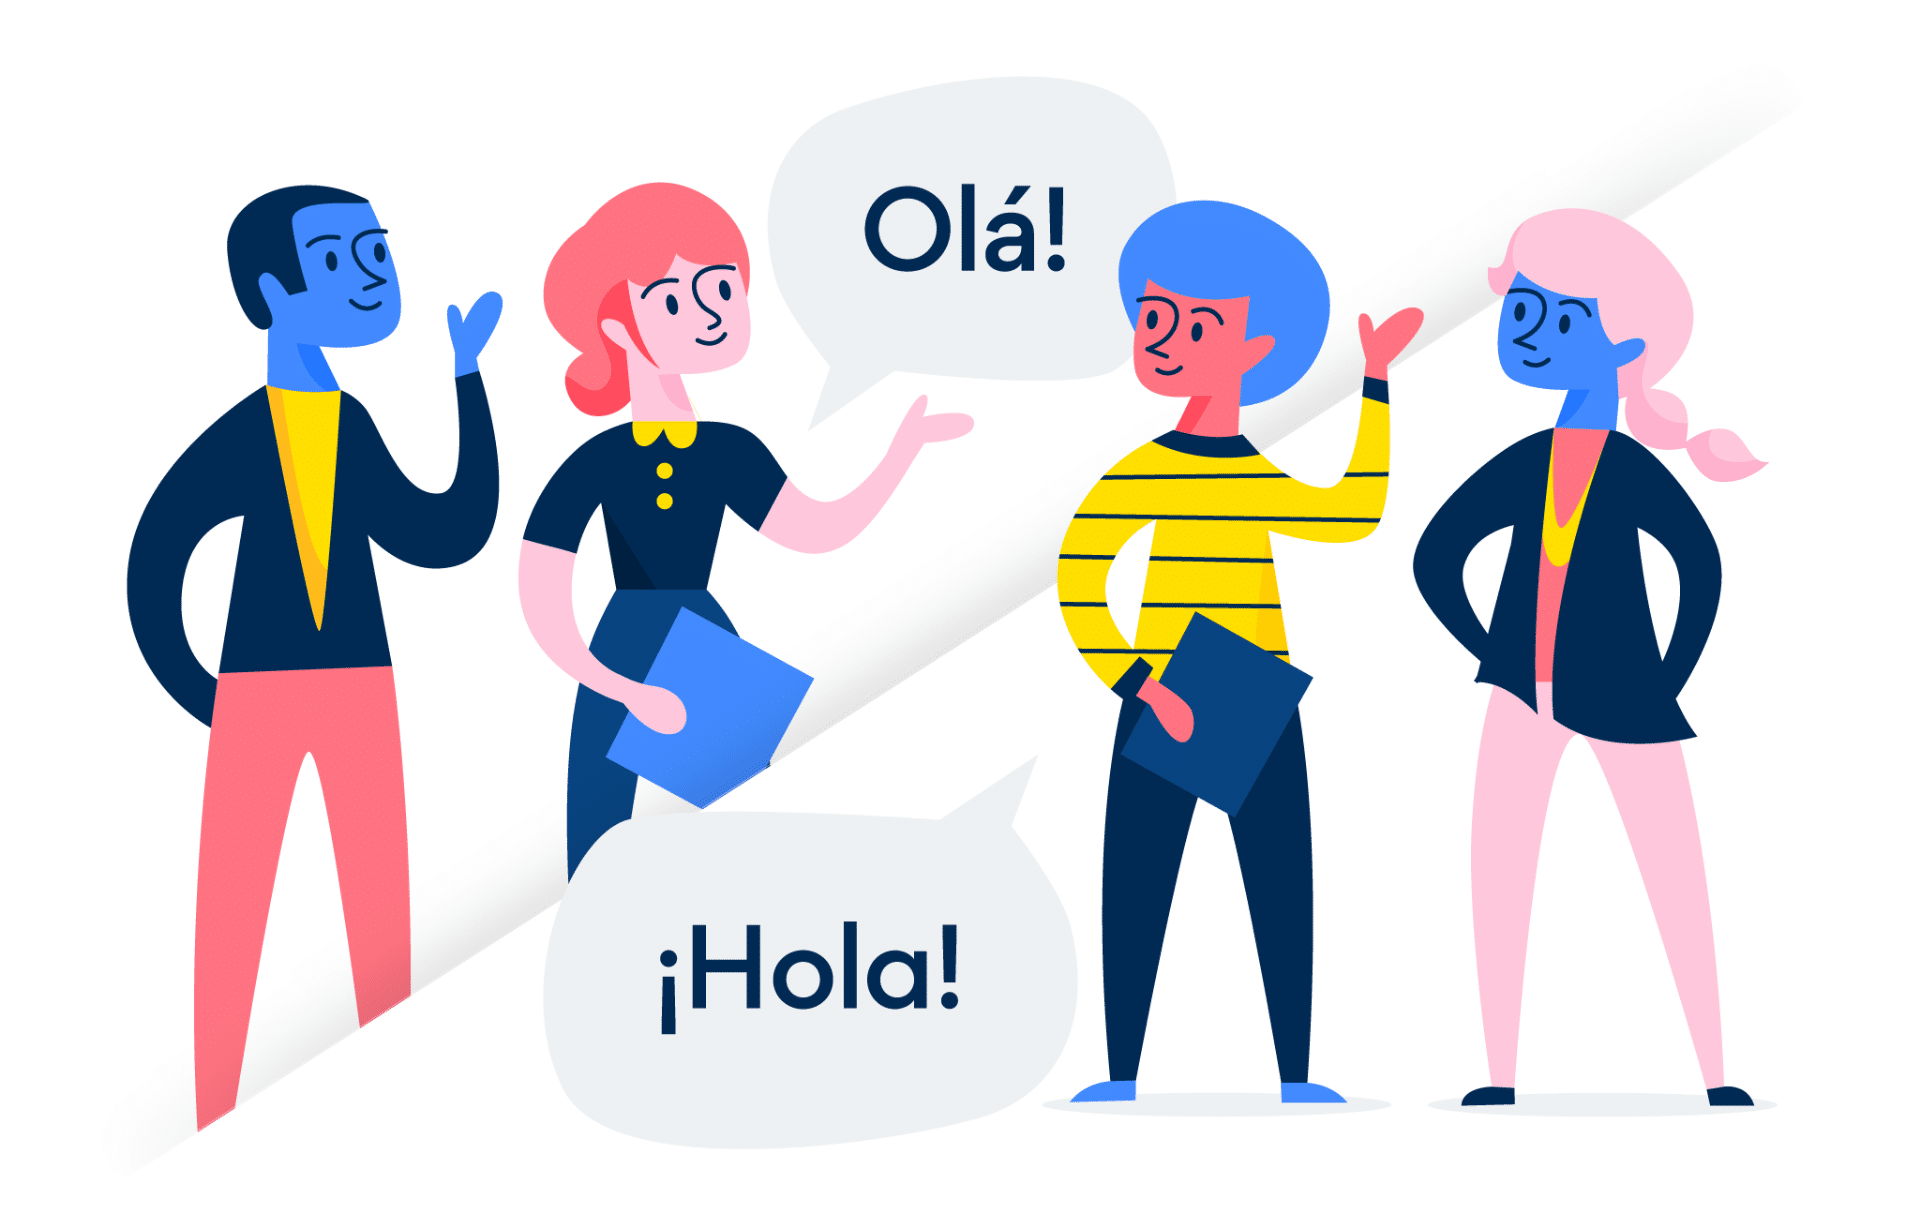 Asana ahora también está disponible en español - Blog Asana en Español